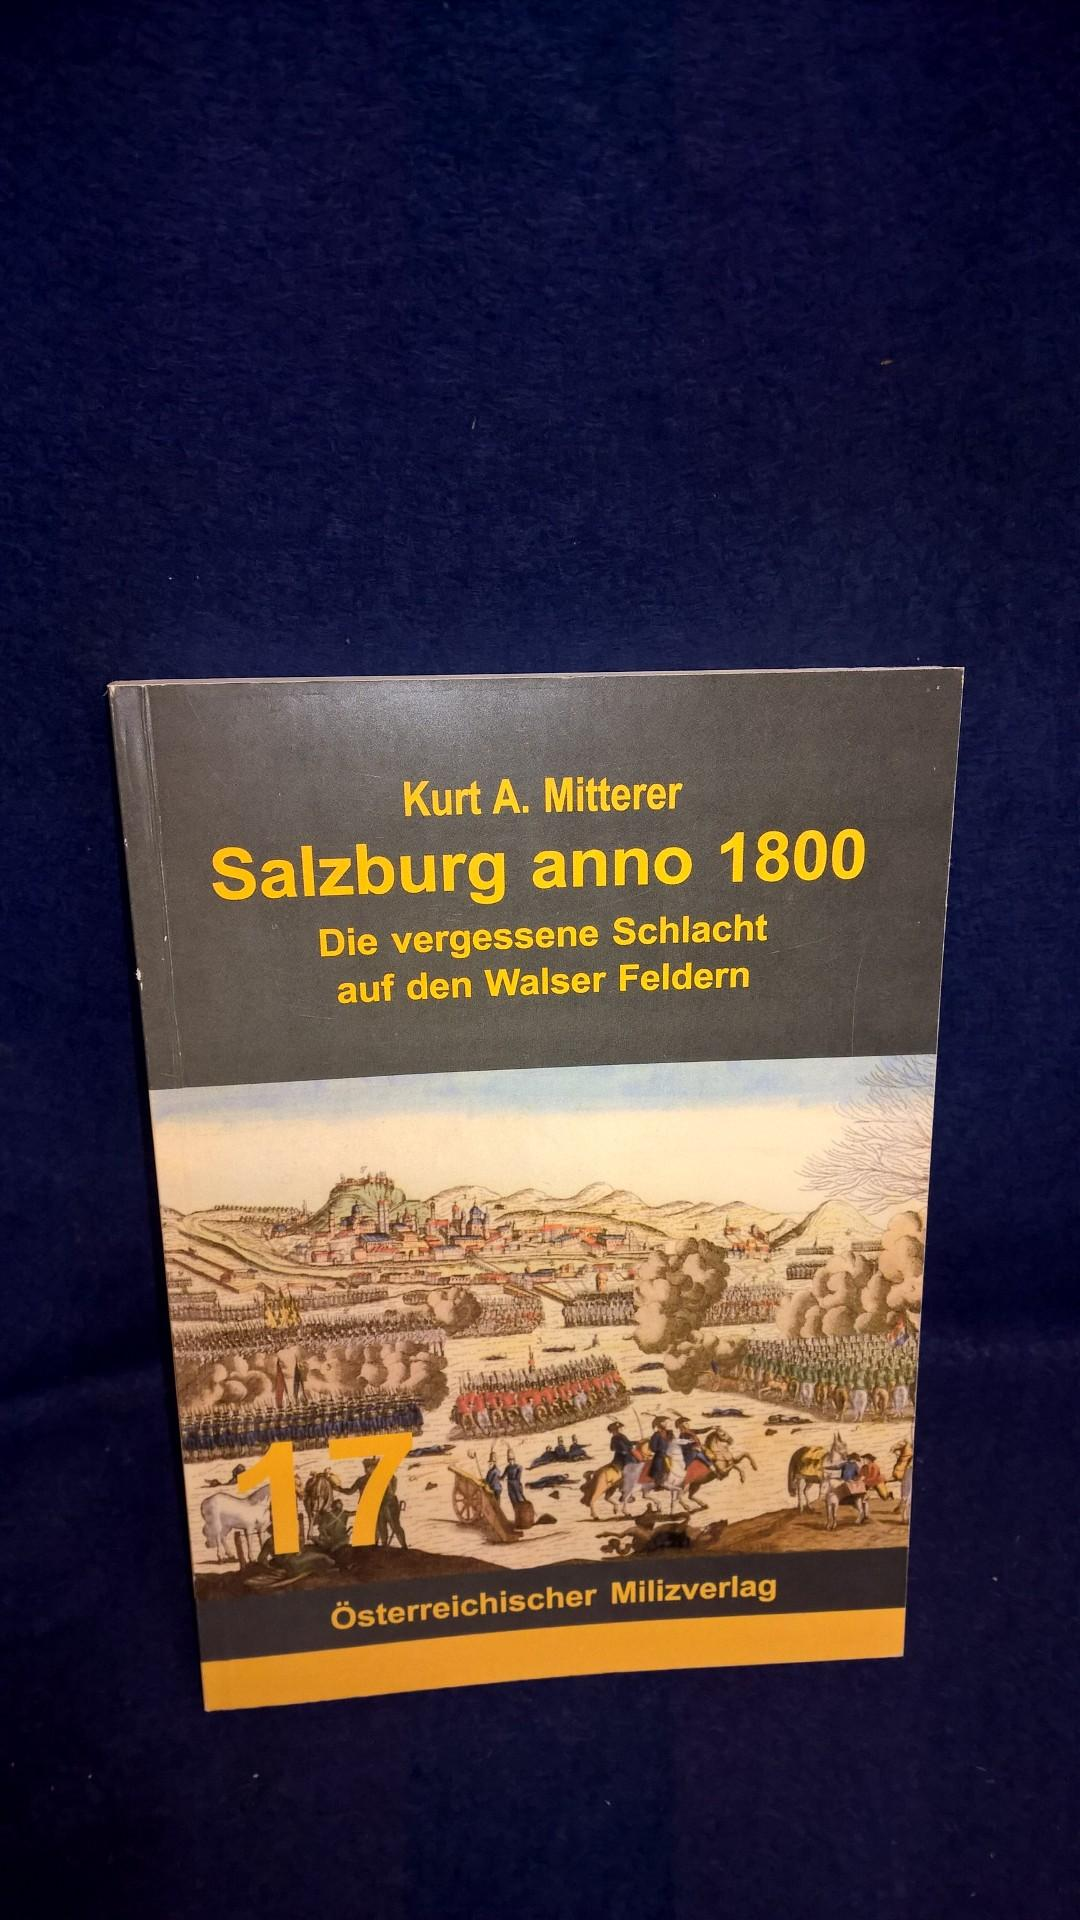 Salzburg anno 1800. Die vergessene Schlacht auf den Walser Feldern.